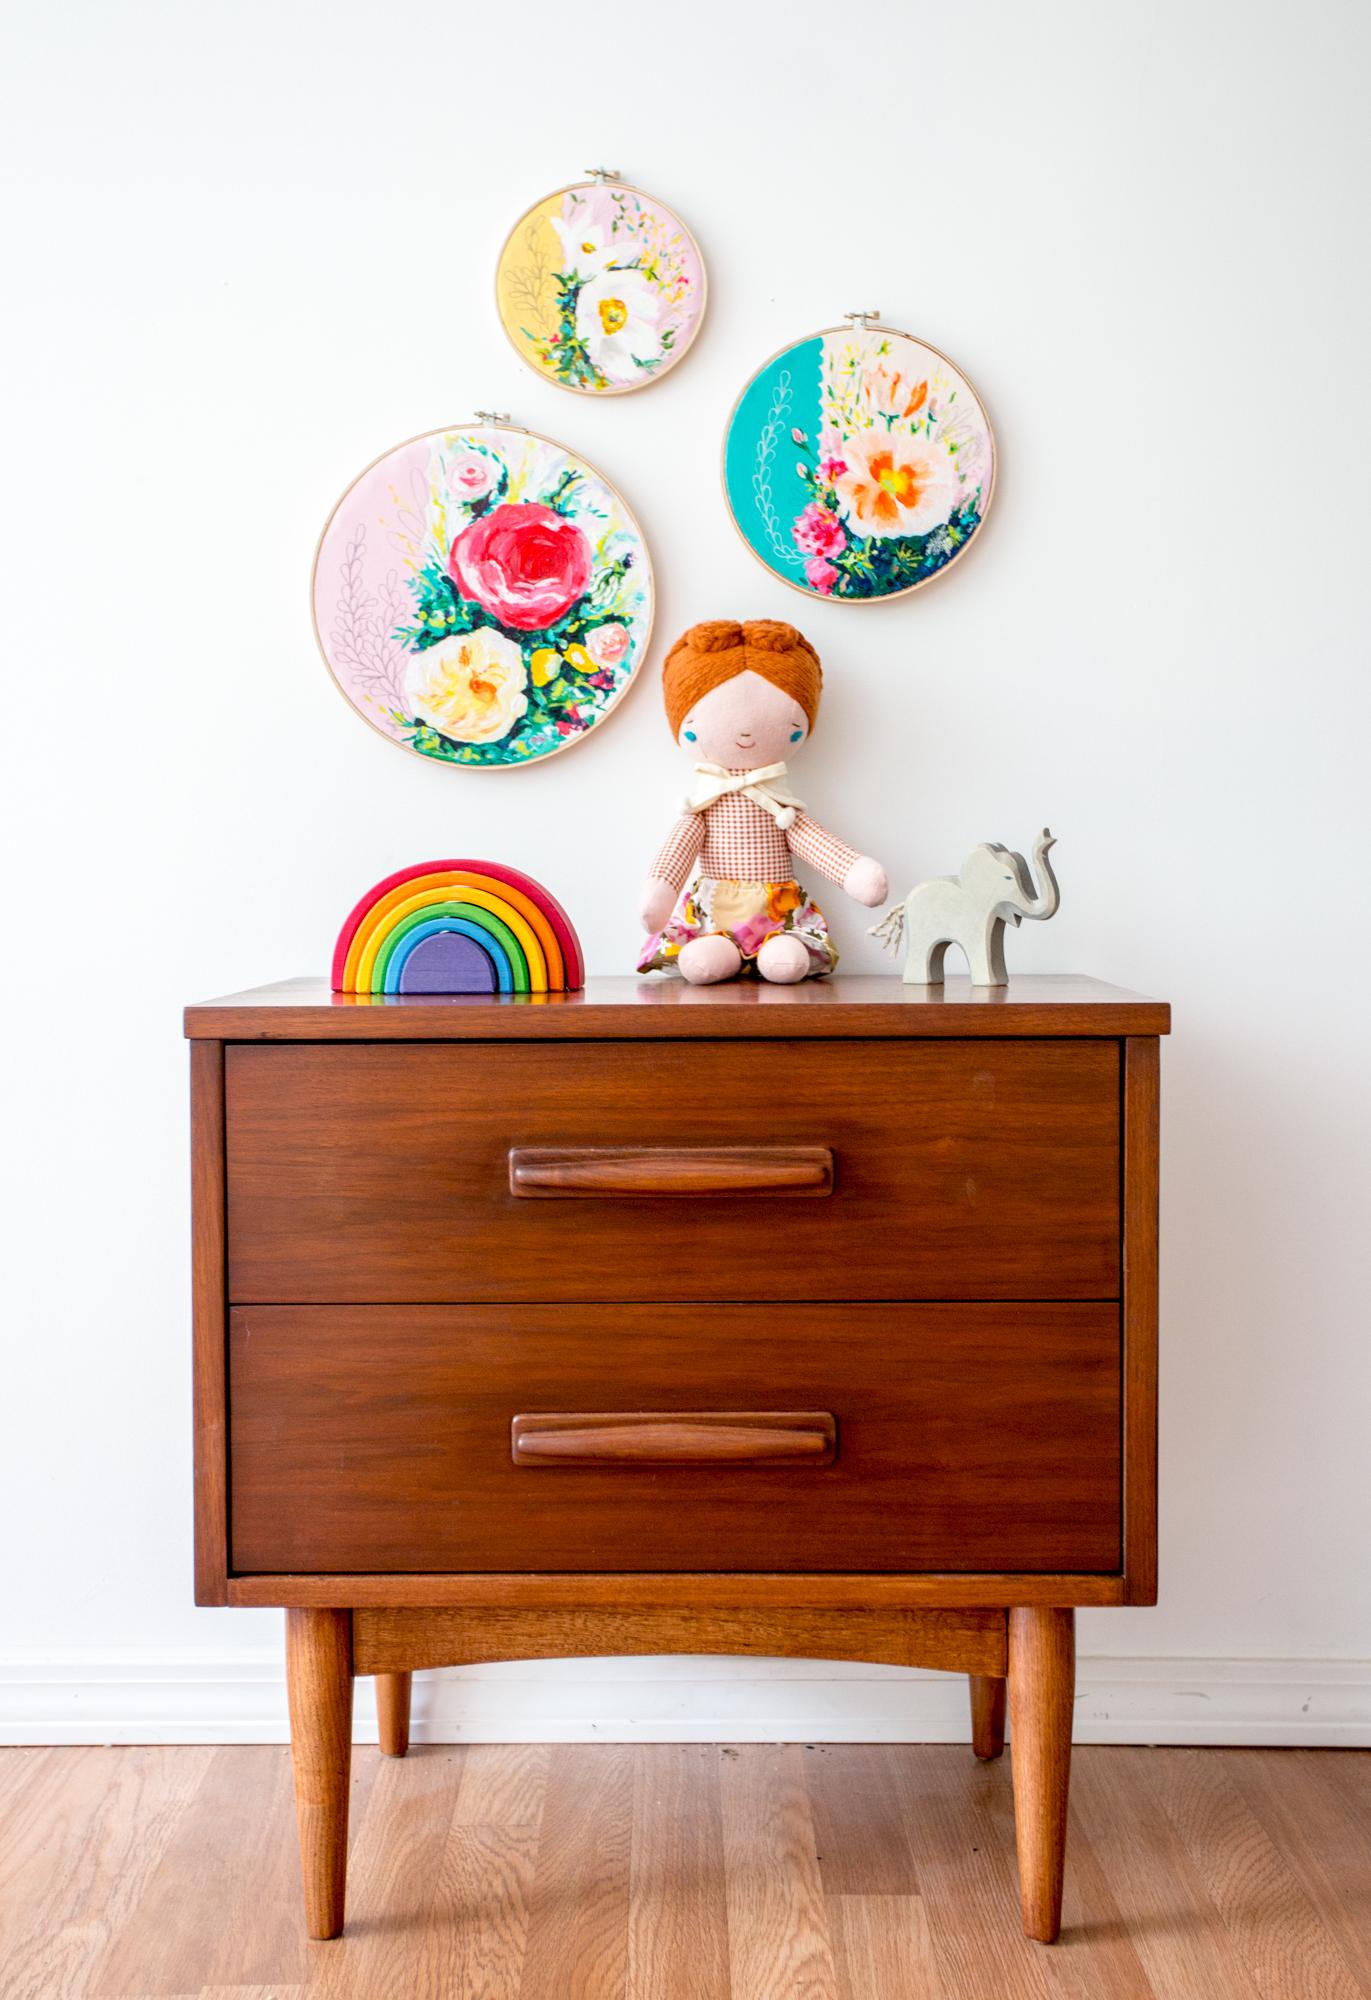 embroidery hoop art, original floral paintings by megan carty, mid-century nightstand style, nursery art